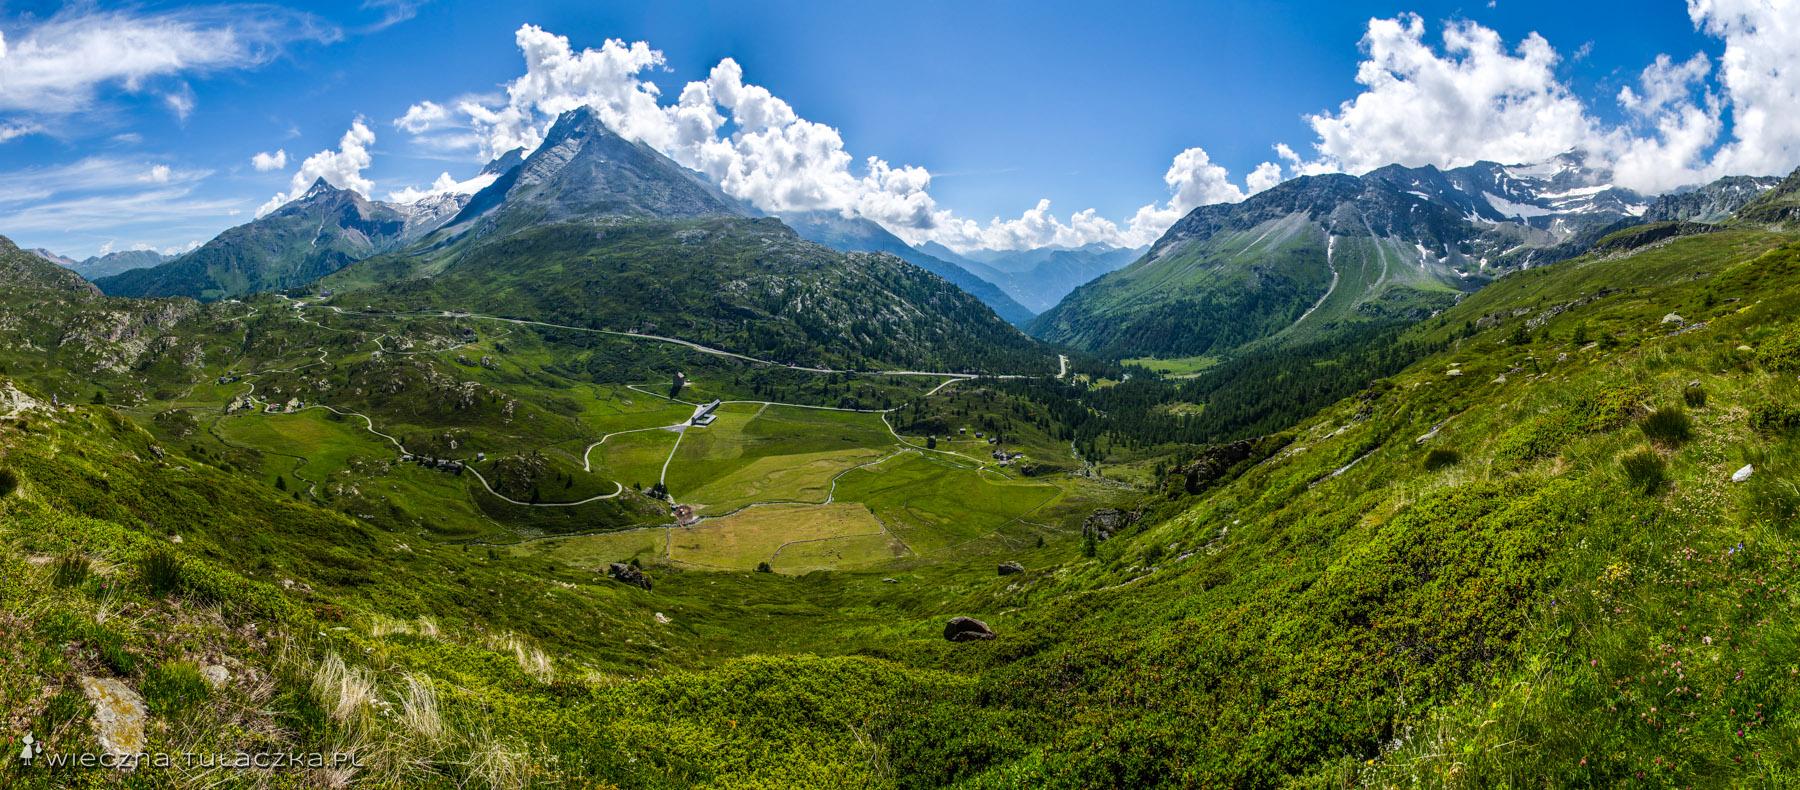 Simplonpass, przełęcz Simplon w Szwajcarii